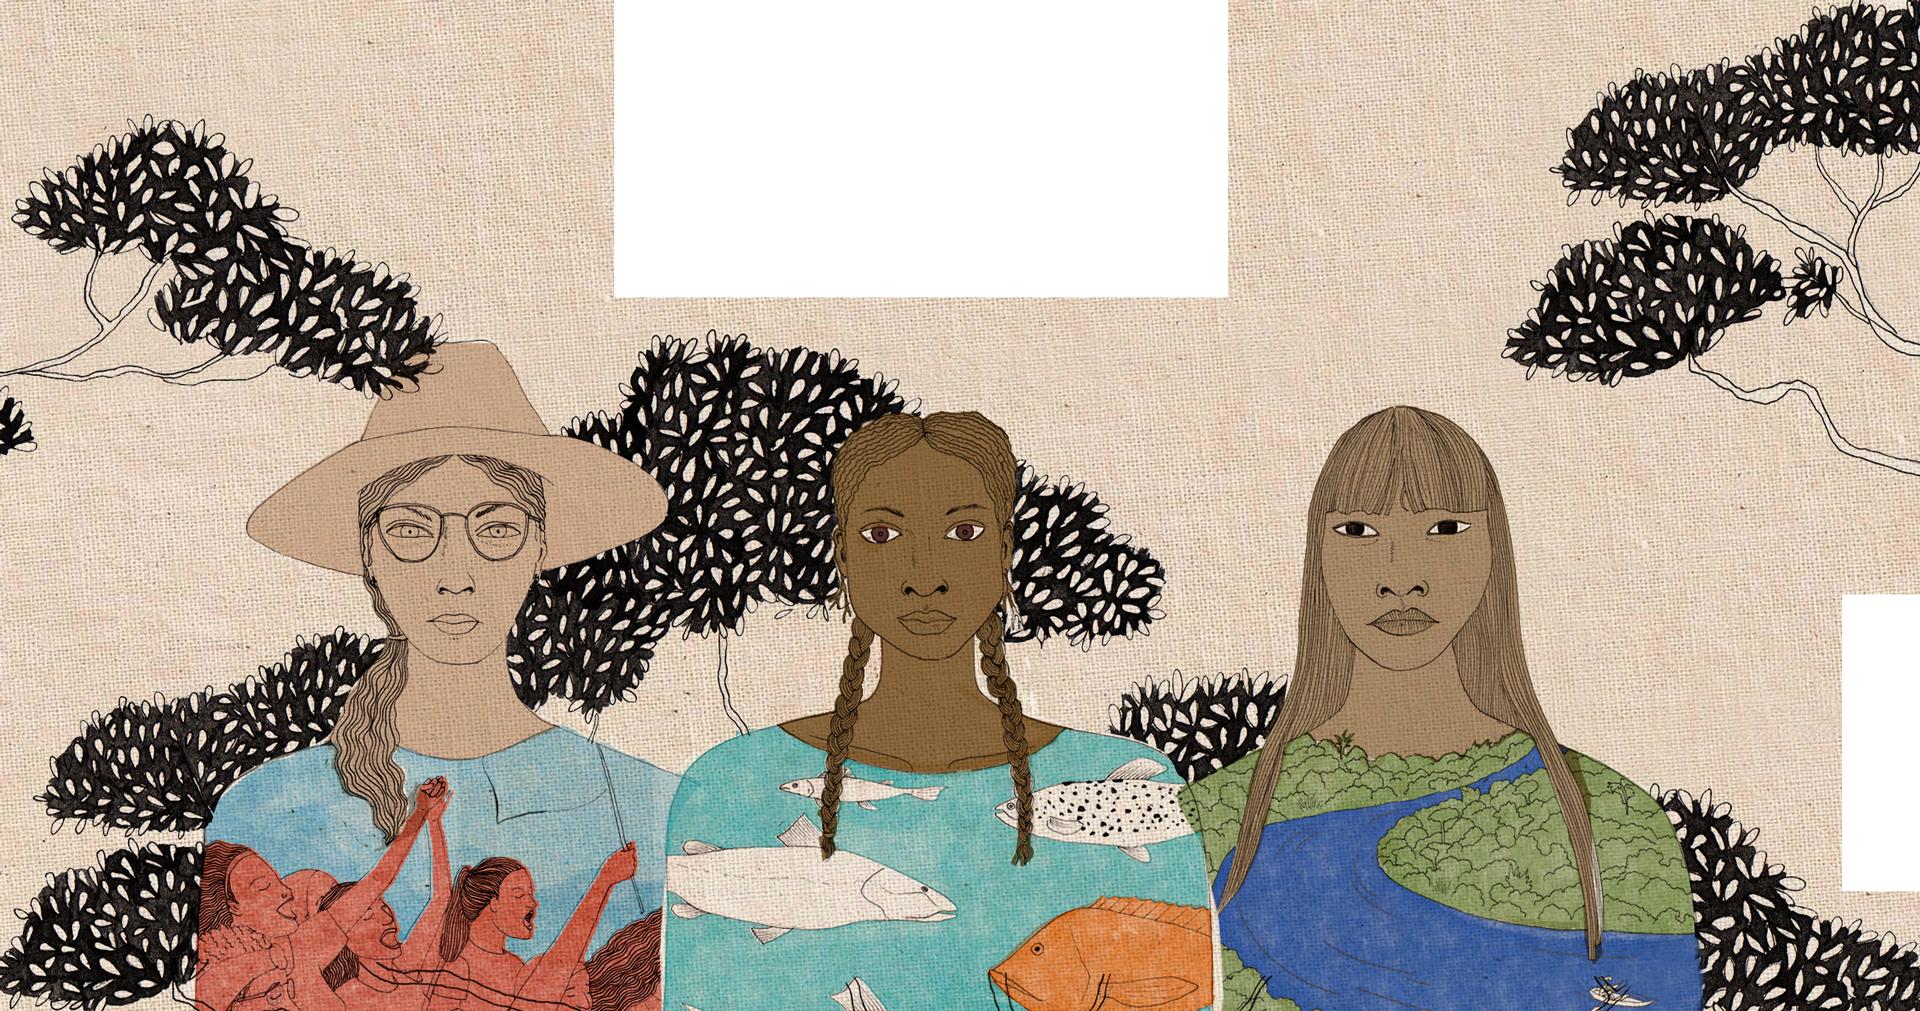 Ilustração de 3 mulheres - 1 agricultora de chapéu com cenas de ativismo no tronco, 1 negra com peixes no tronco e 1 indígena com uma floresta e um rio no tronco.